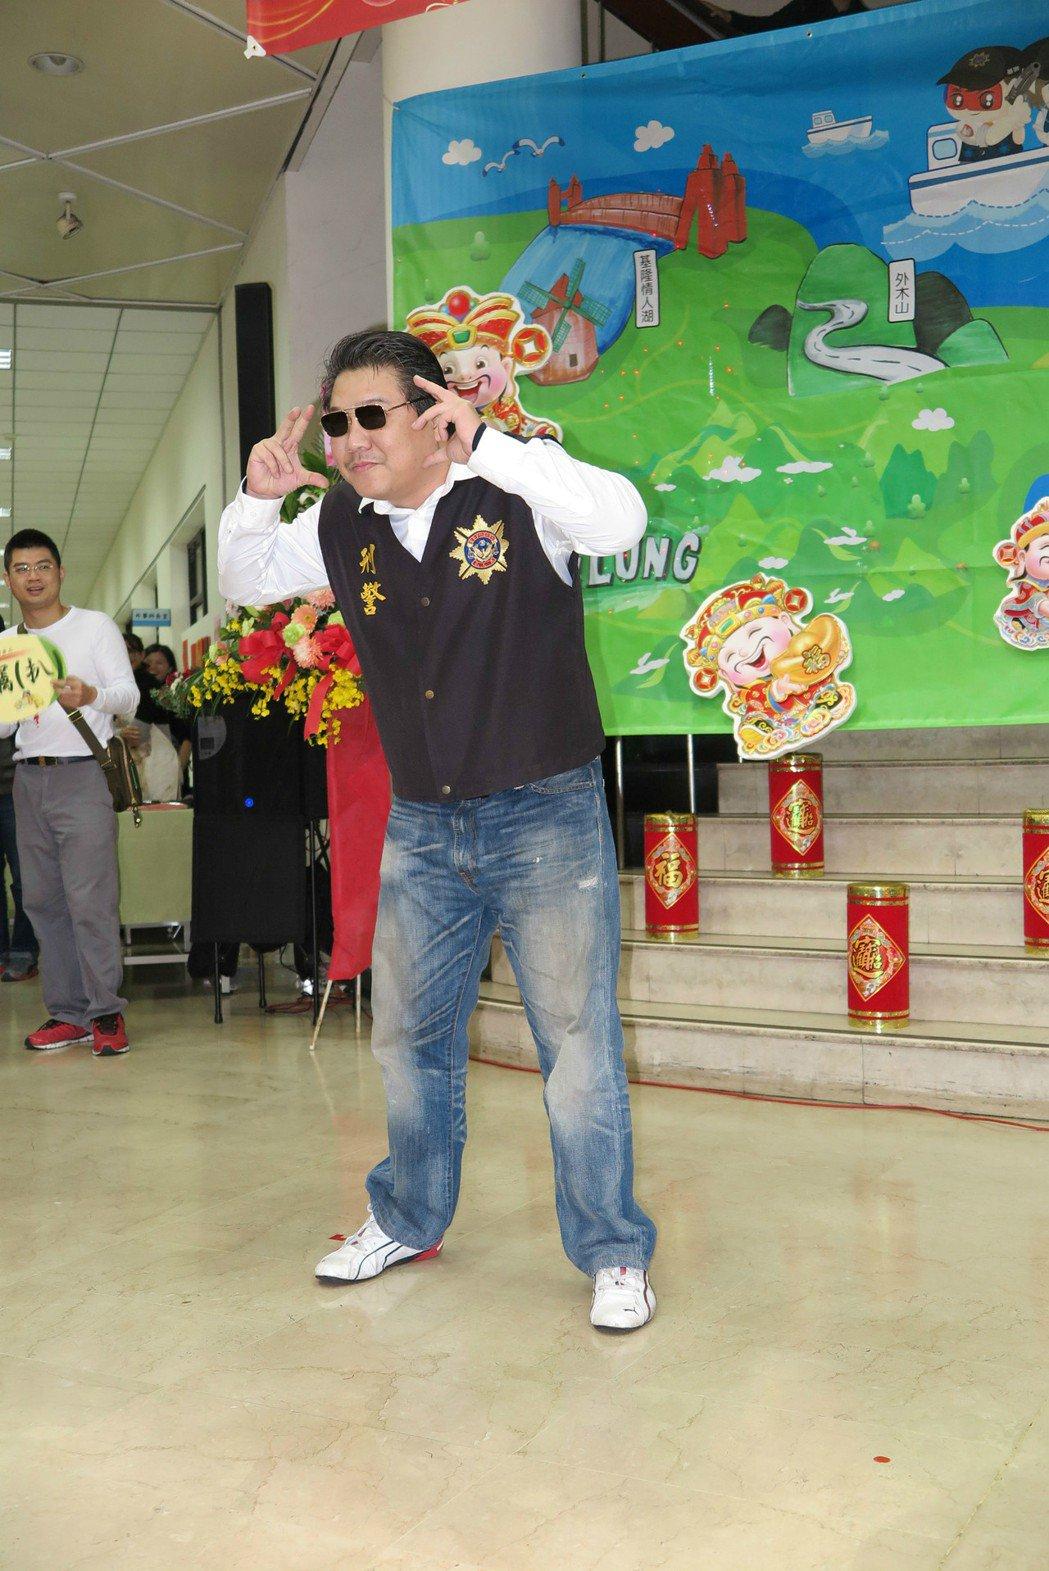 偵查佐李國彰在尾牙表演PIKO太郎在網路上一夕爆紅,今天本尊重現經典舞步。記者林...